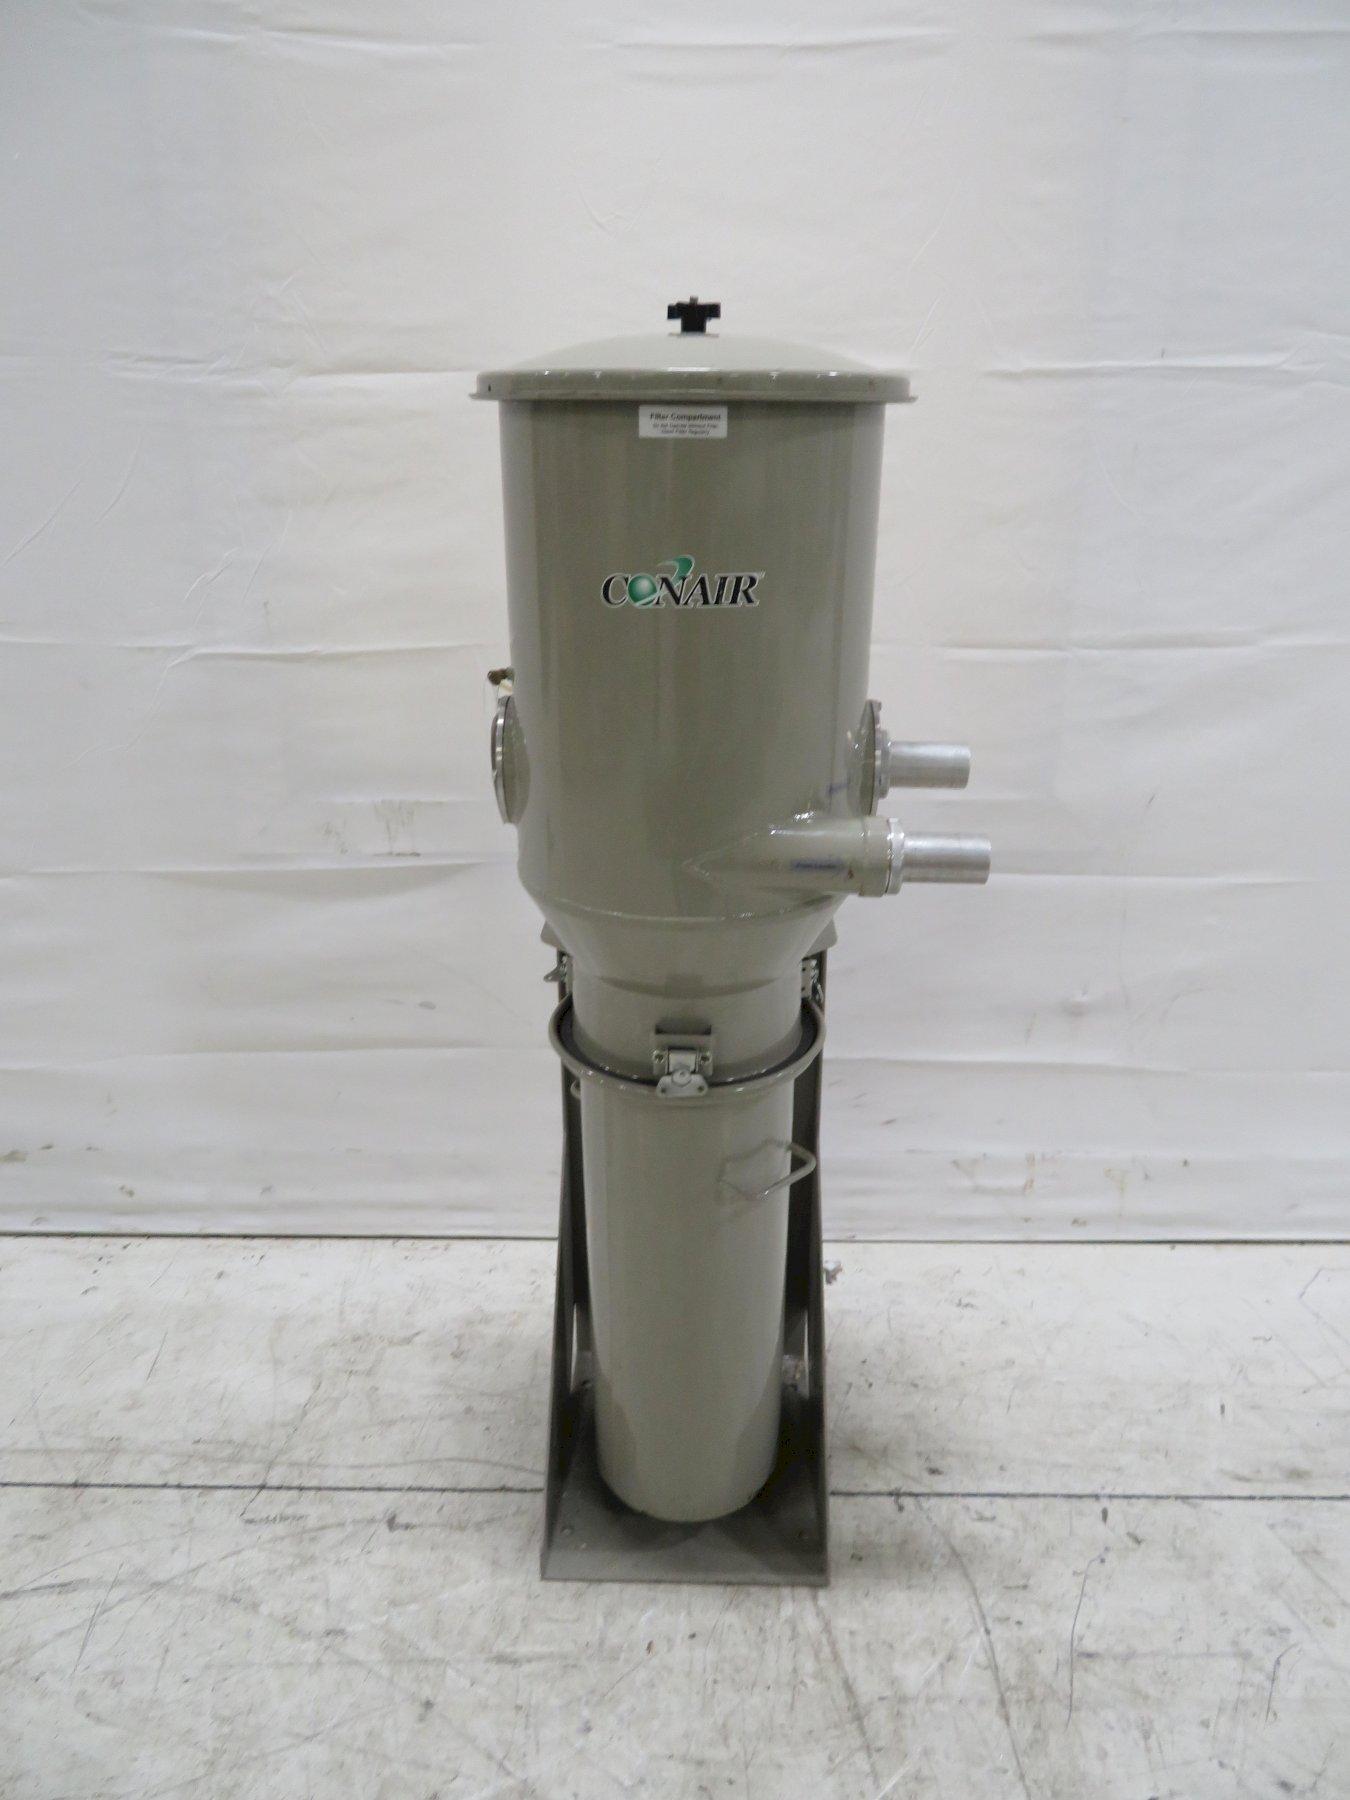 Conair Used DC1 Vacuum Pump Filter, 115V Control Voltage